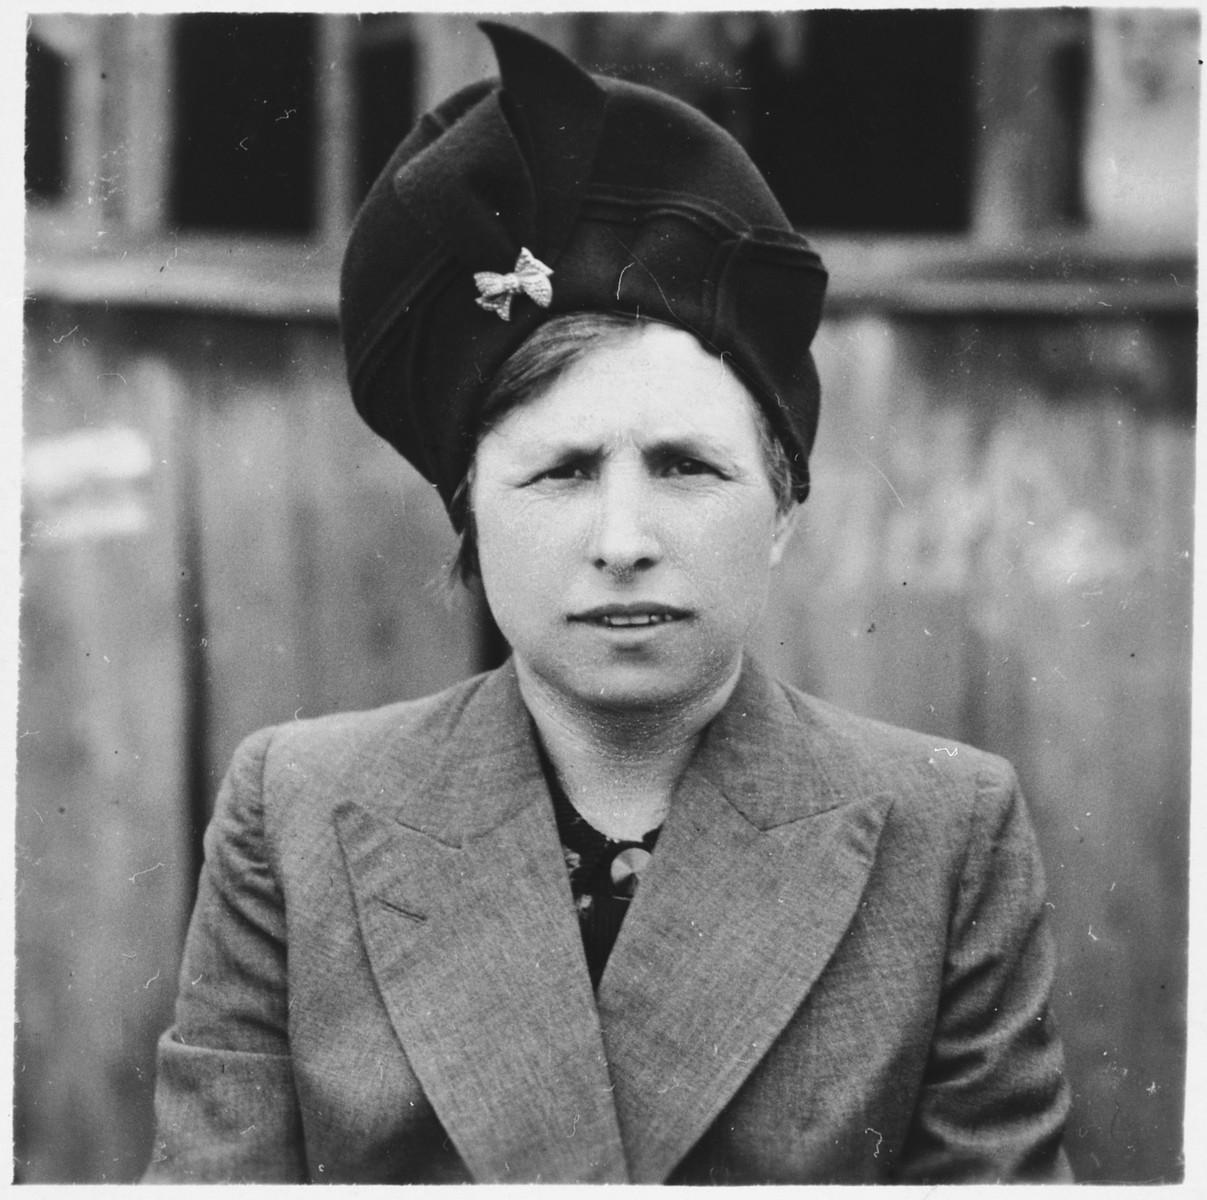 Portrait of a Jewish woman in Bilki.  Pictured is Bella (Weisz) Mermelstein.